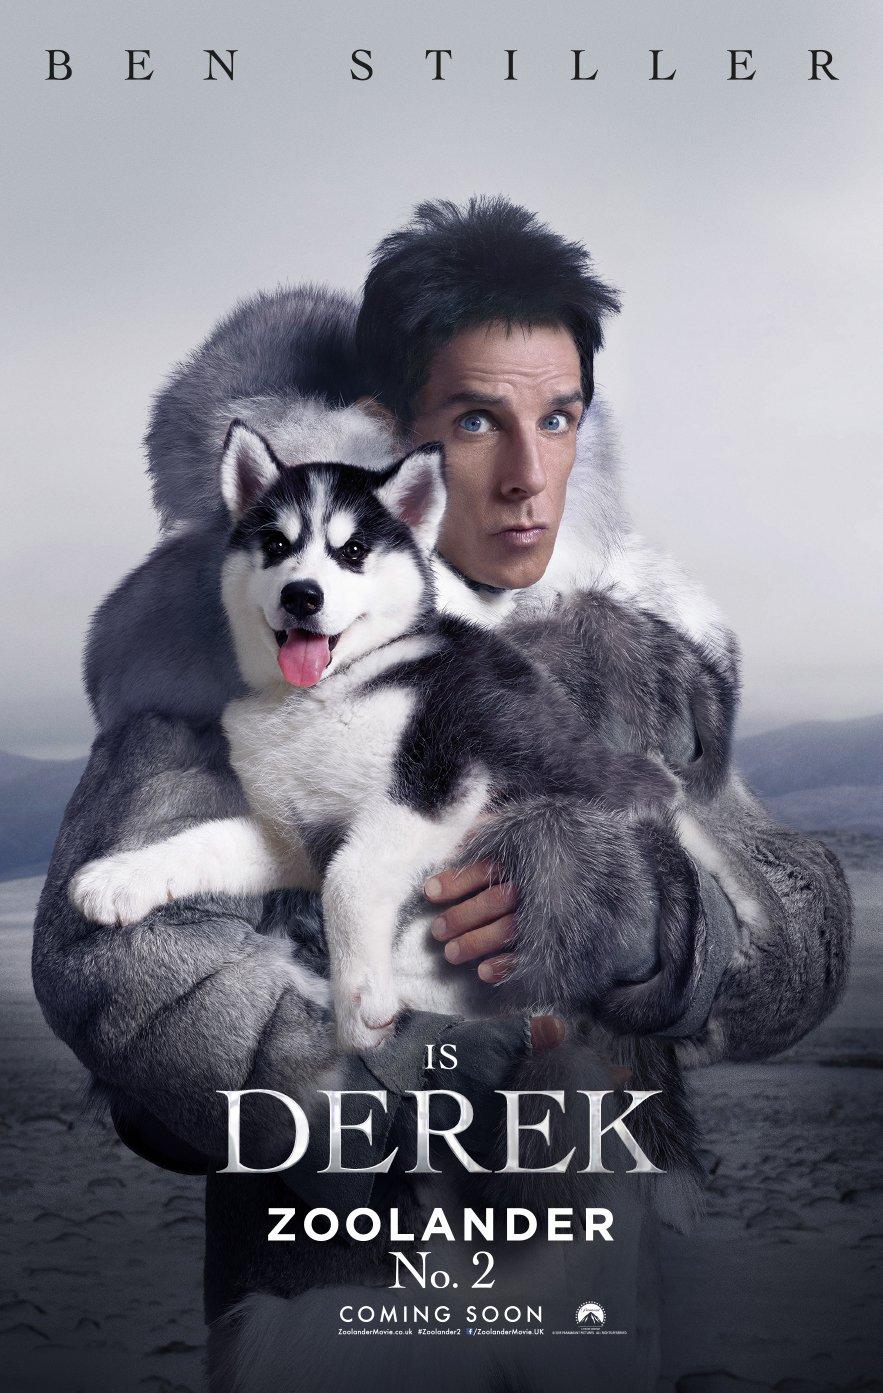 Zoolander 2 – Derek poster